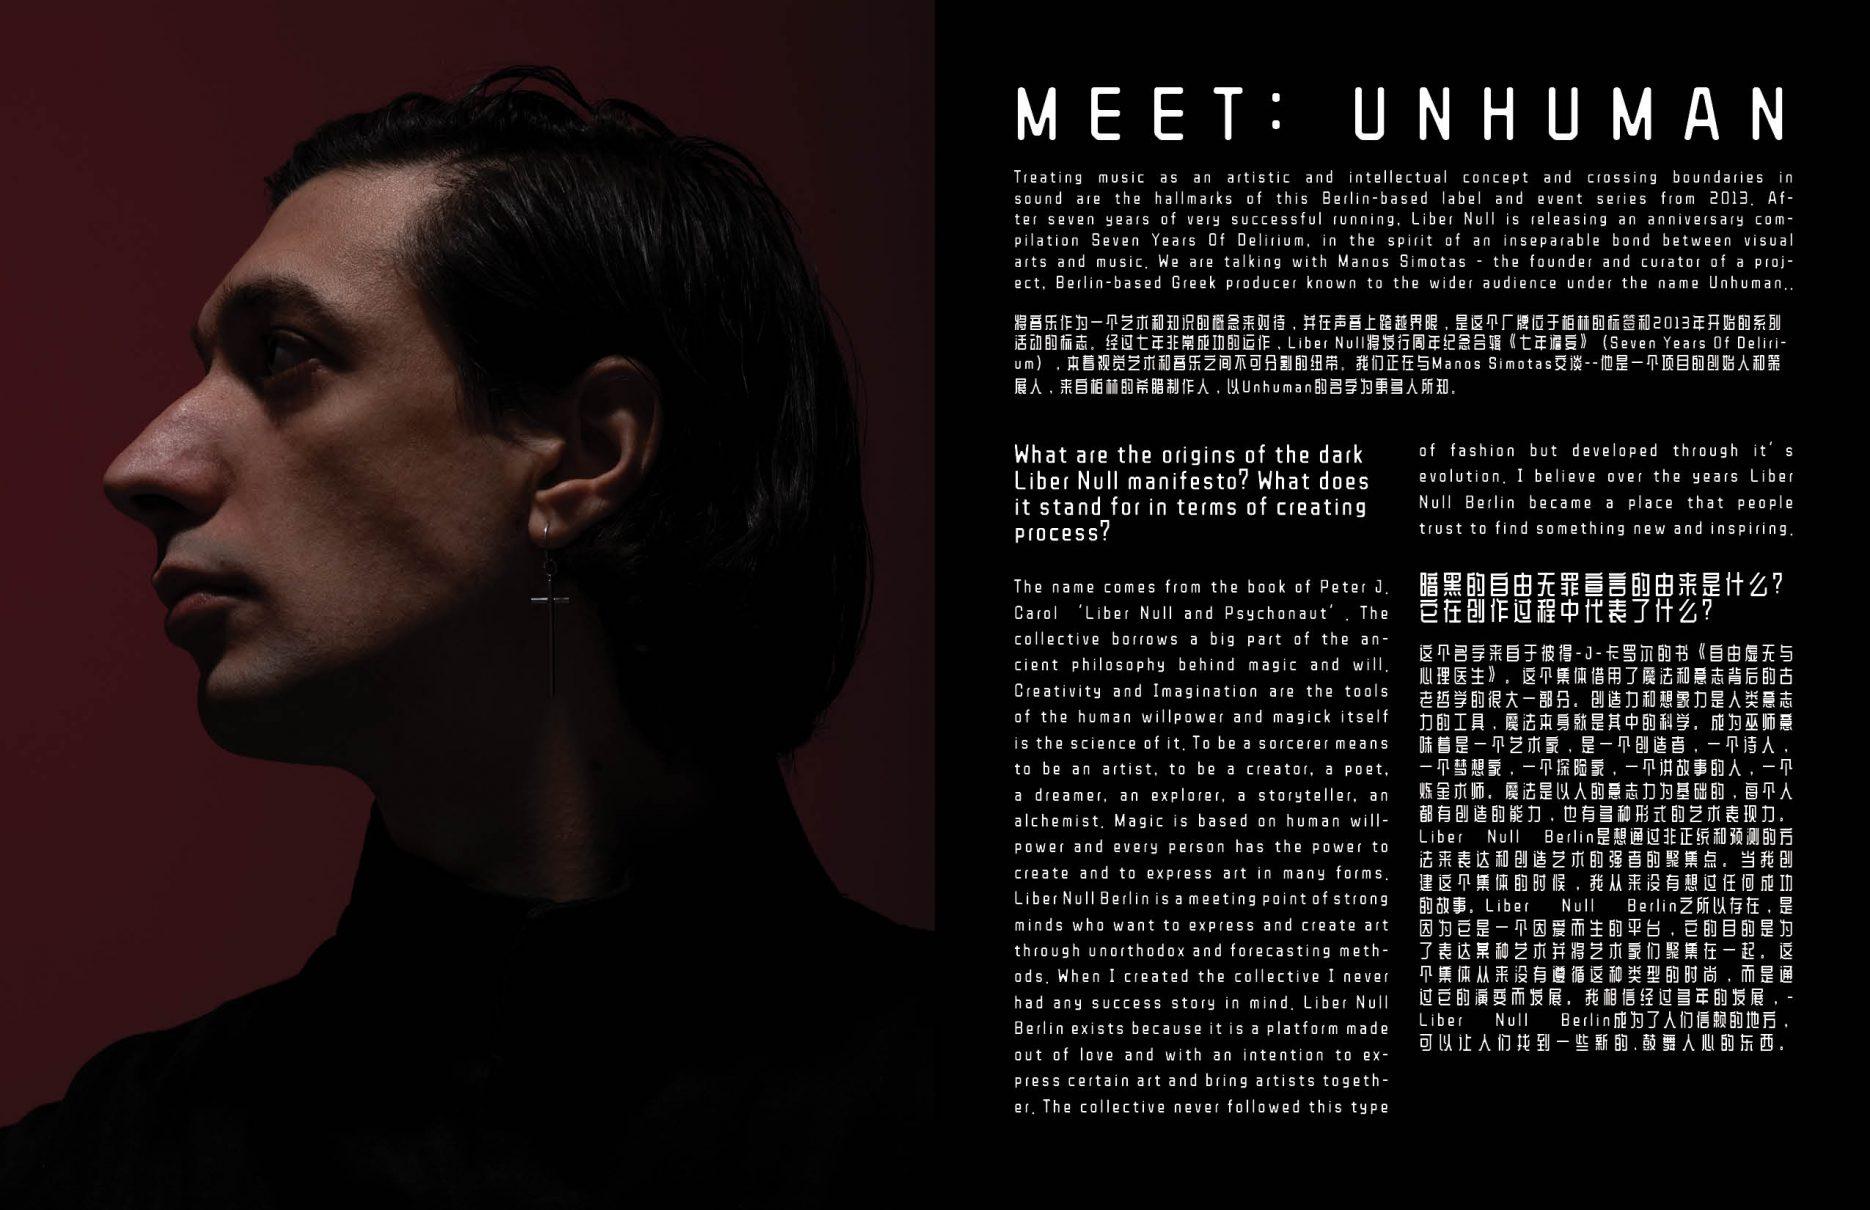 Unhuman photos by Izabella Chrobok & Grzegorz Bacinski with styling by UY Studio and the interview by Anka Pitu